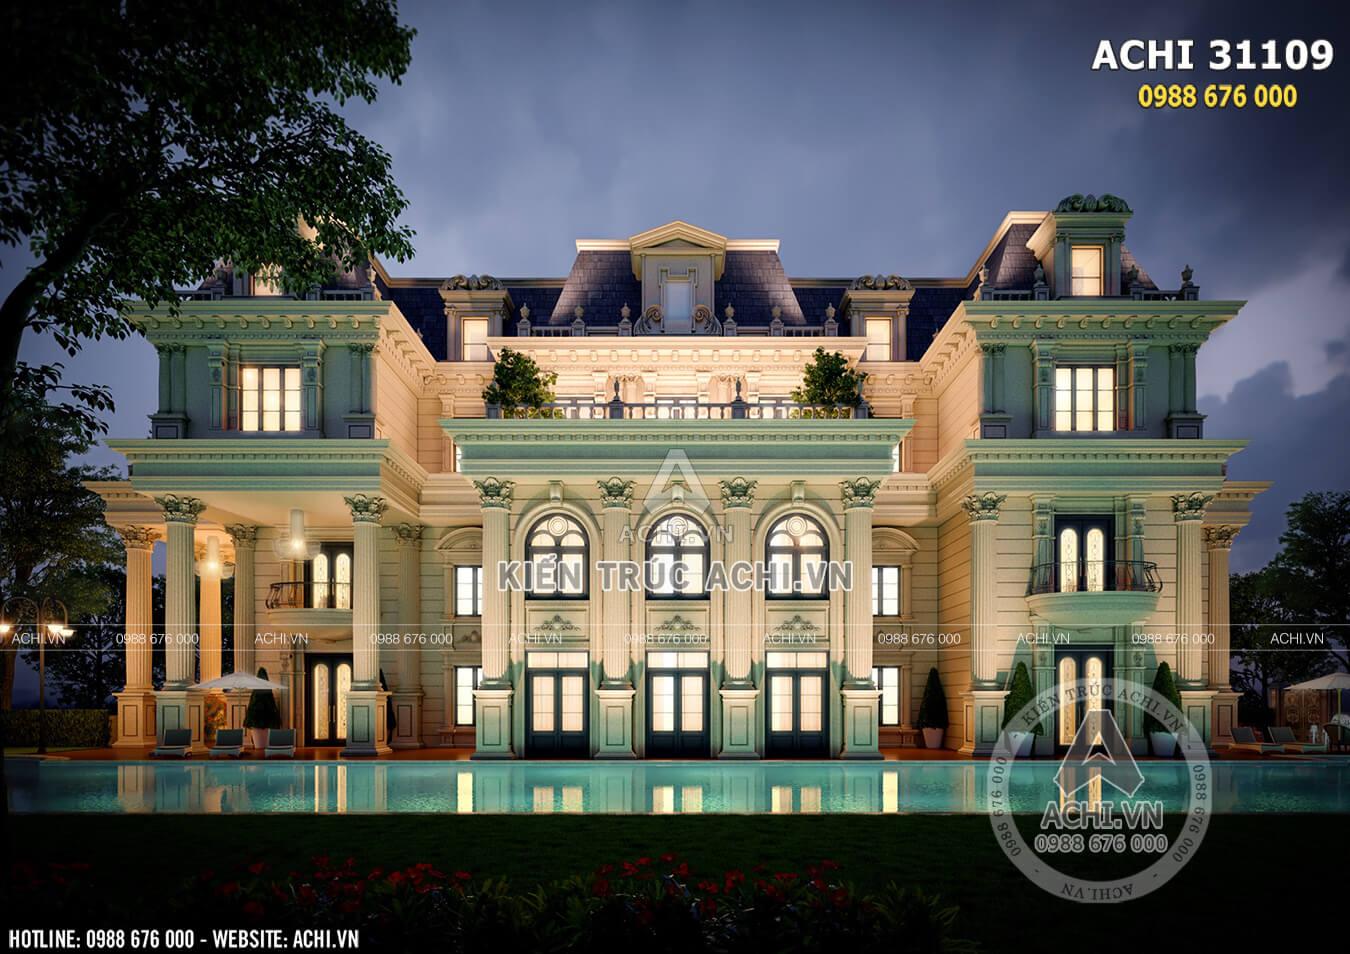 Không gian mặt tiền mẫu dinh thụ kiến trúc Châu Âu đẹp hút hồn